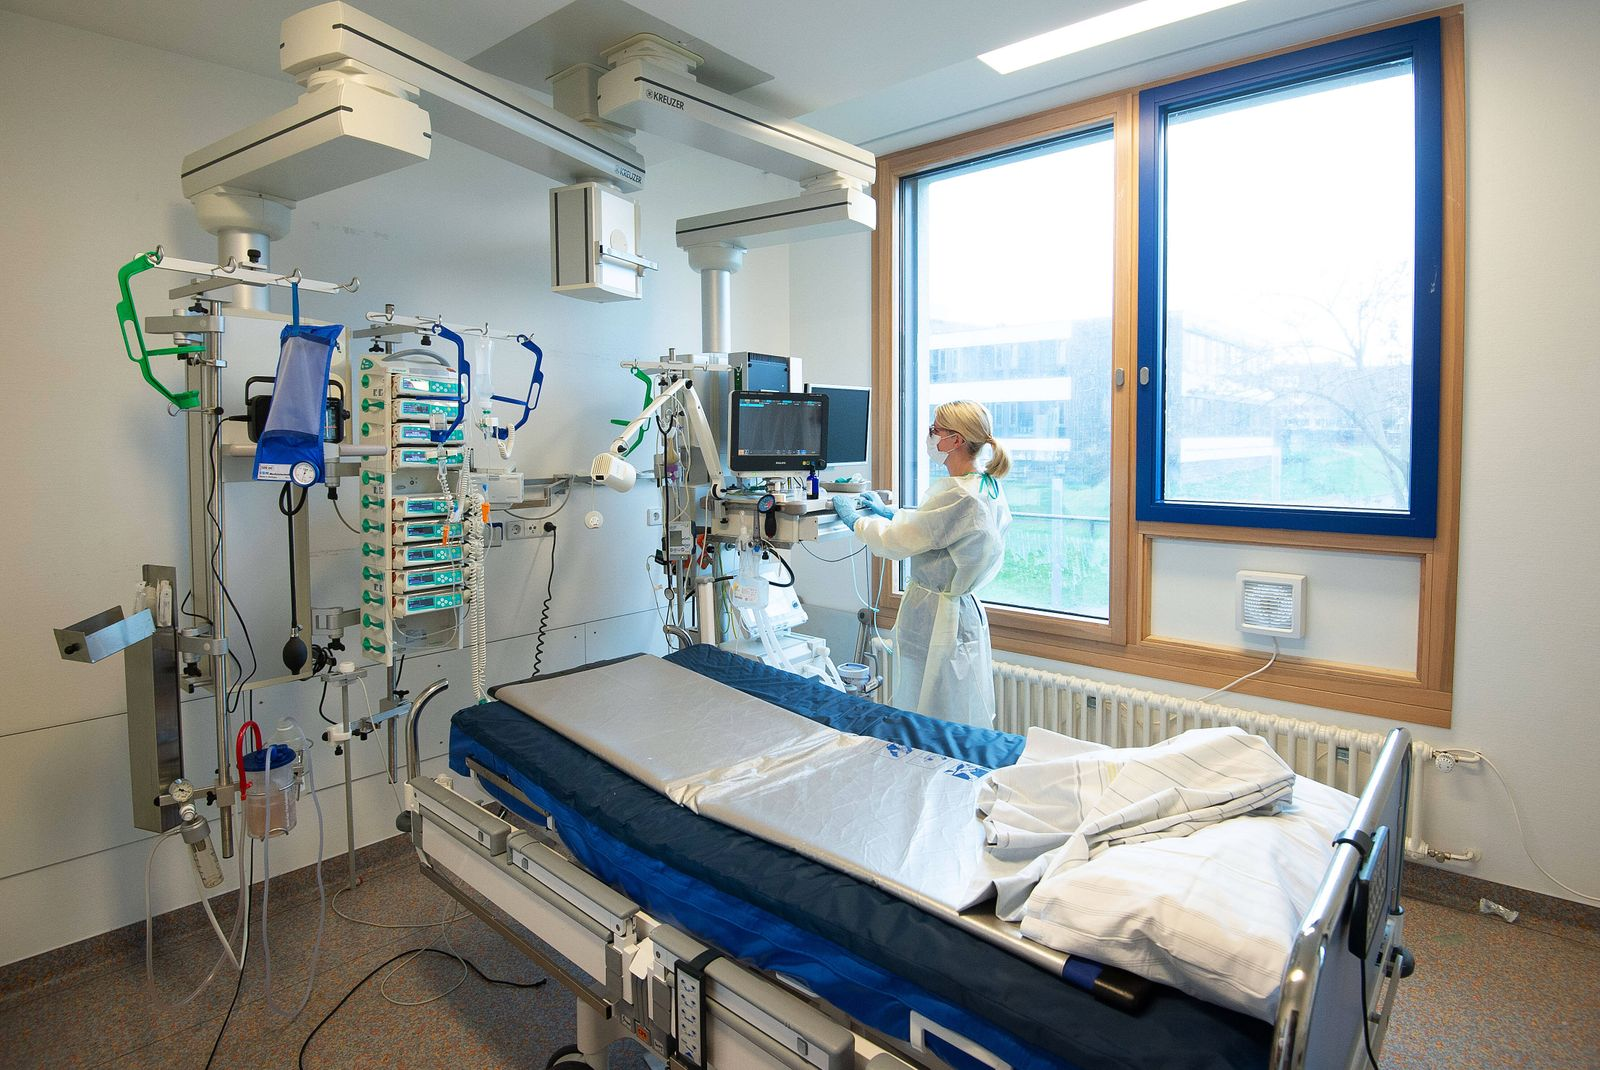 Intensivstation Klinikum Bad Cannstatt Einbau von neuen L¸ftern in den Fenstern der Zimmer der Intensivstation um einen